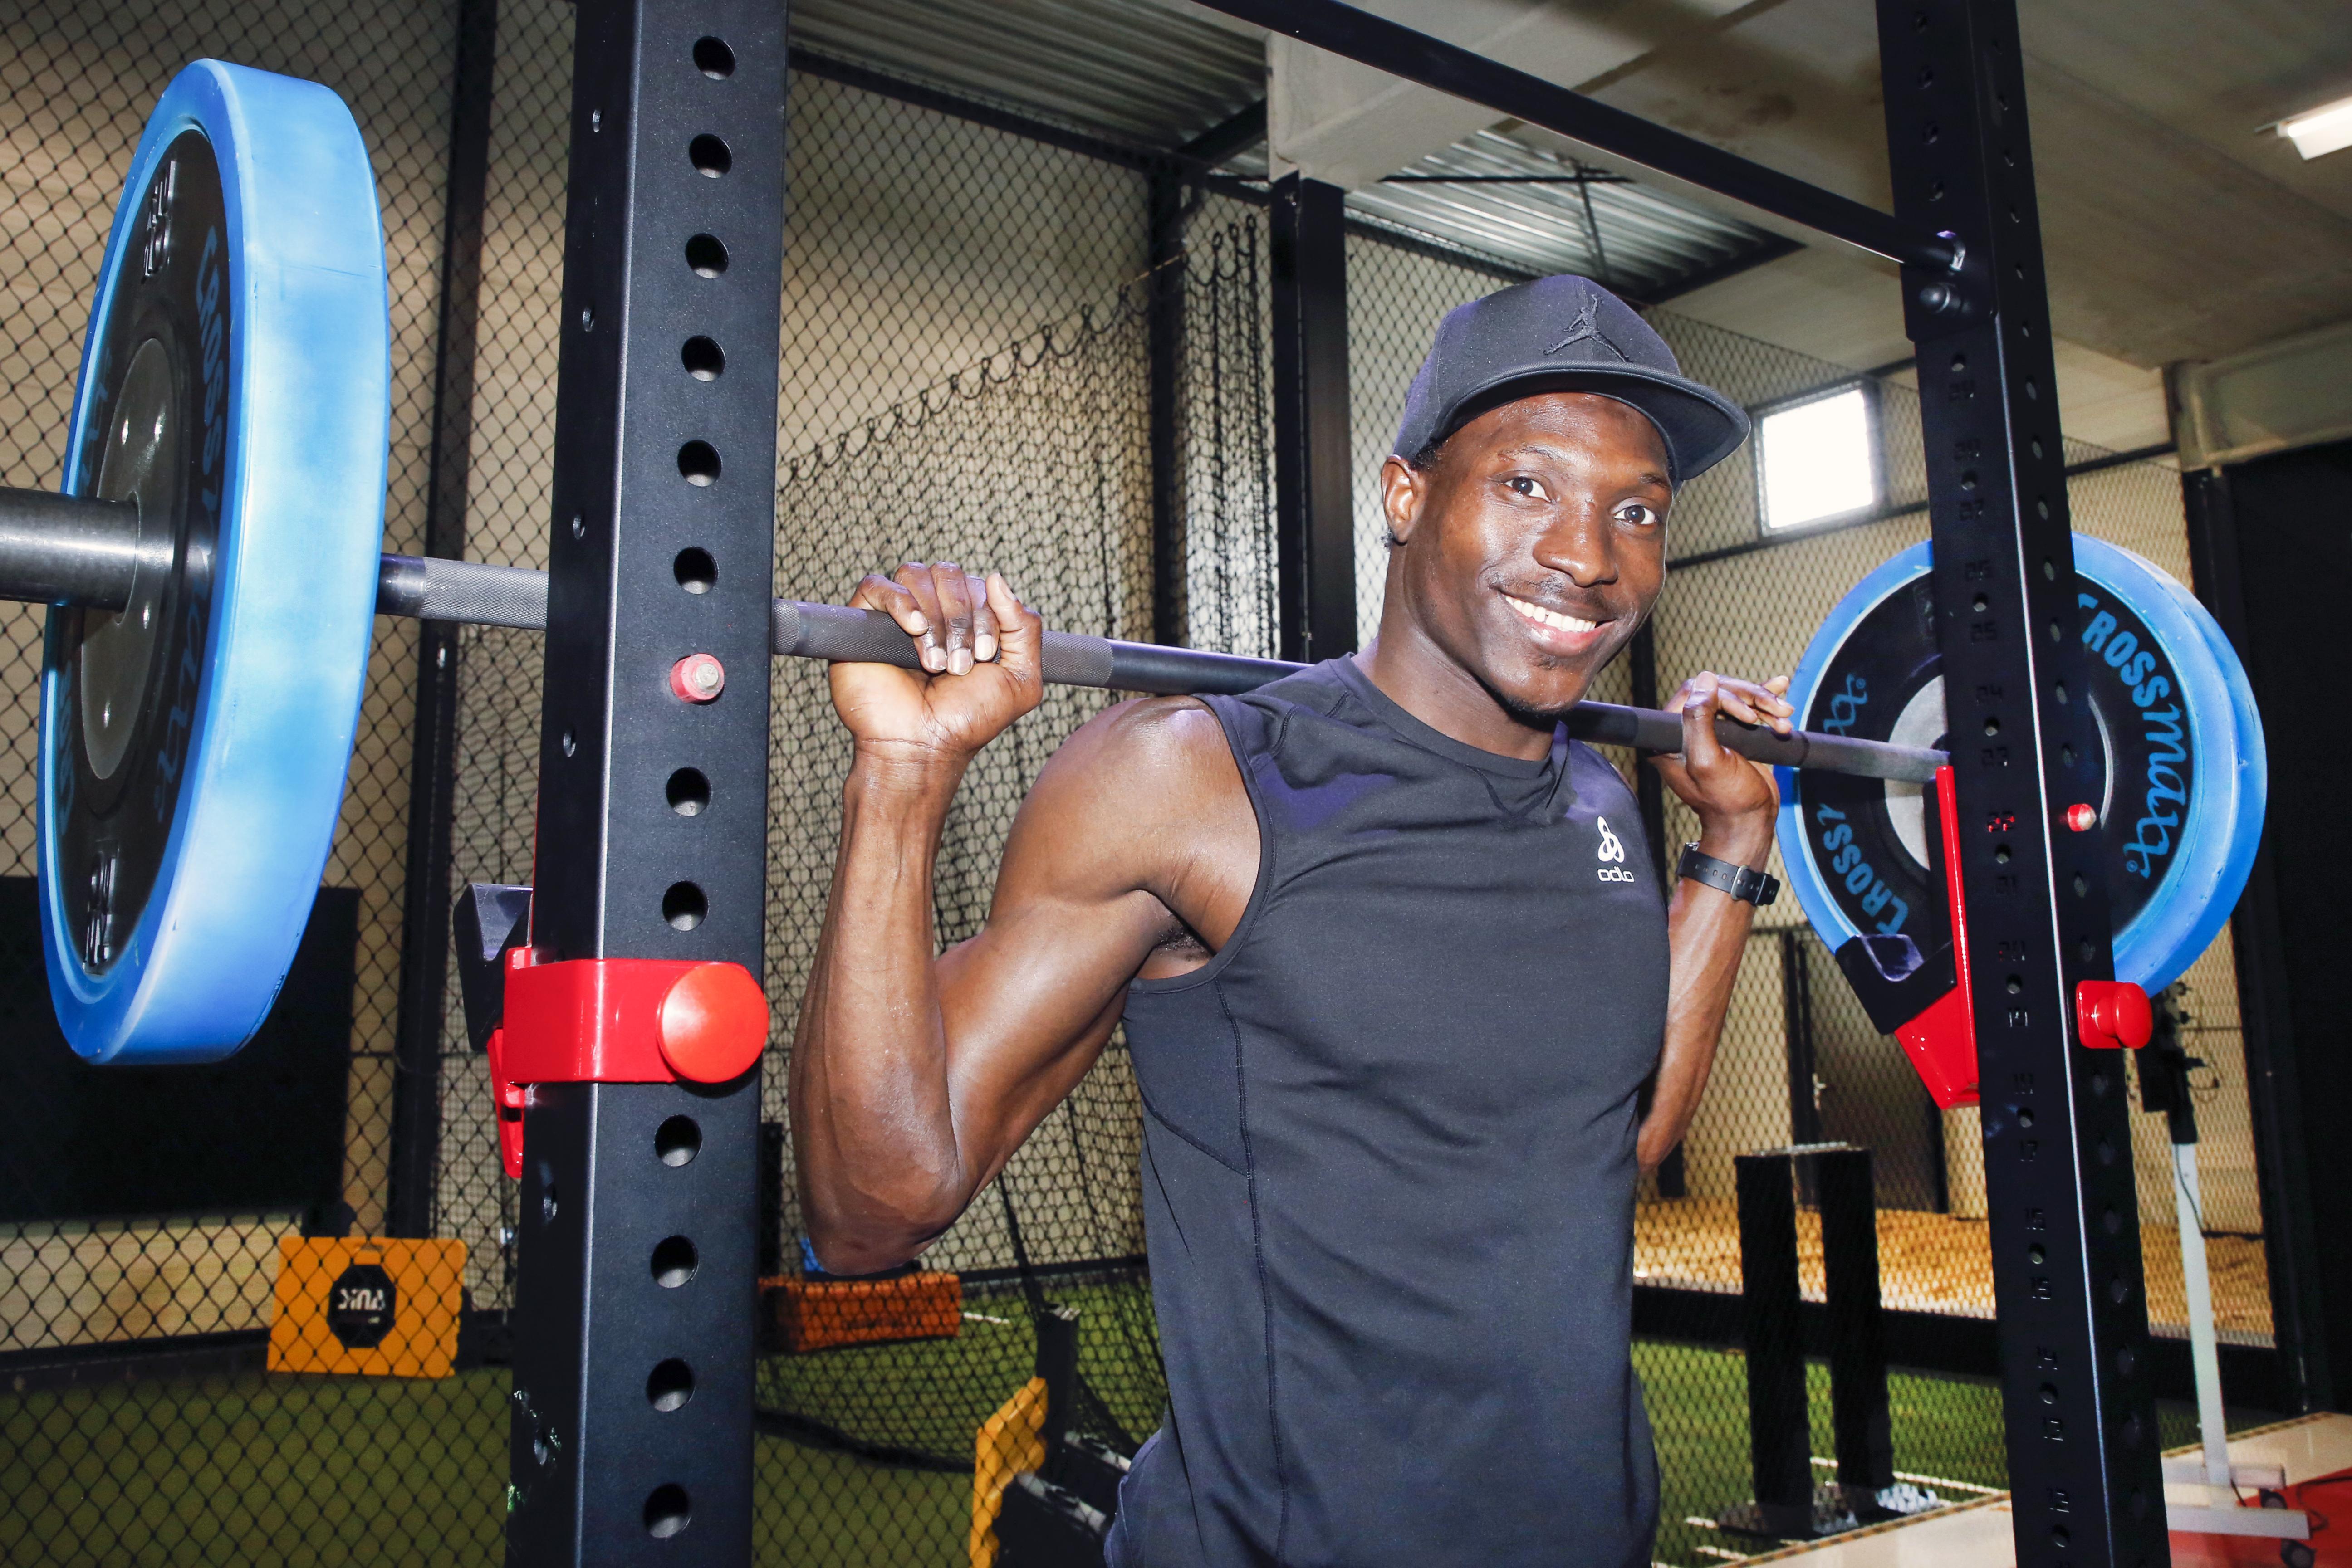 Alagie Sonko probeert op kibbeling de Olympische Spelen te halen. De sprinter uit Gambia krijgt alle hulp uit Beverwijk om zich de komende weken nog te plaatsen voor Tokio